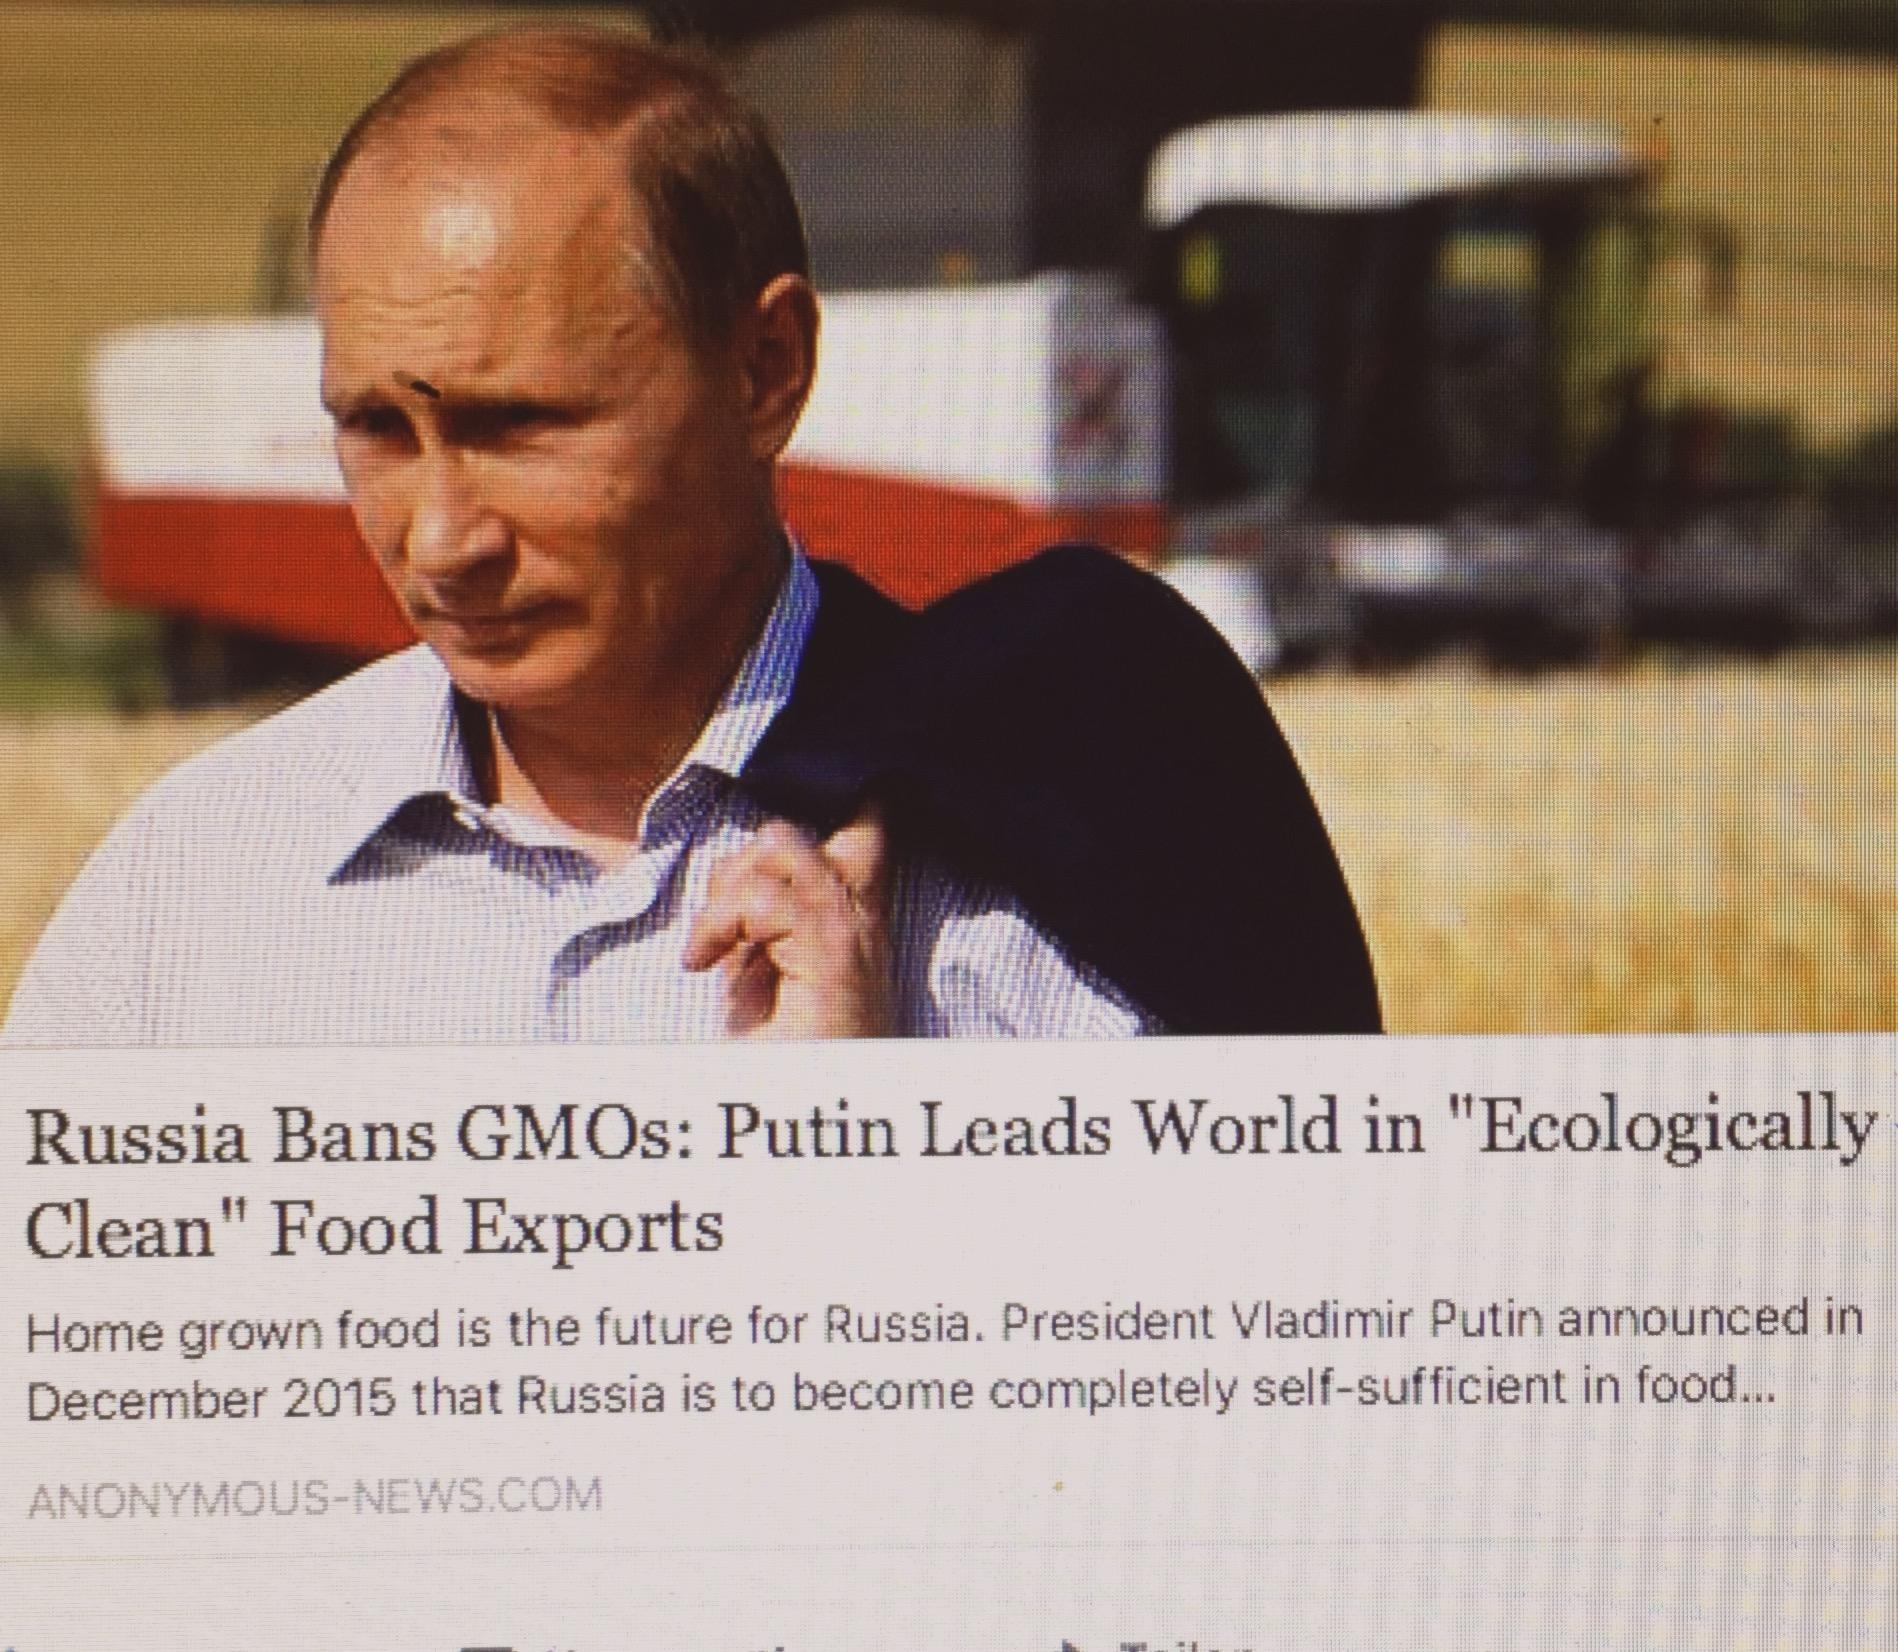 Gemeinsam mit der russischen Bevölkerung setzt Wladimir Putin auf gesunde Selbstversorgung und weltweiten Export qualitativ hochwertiger Produkte.